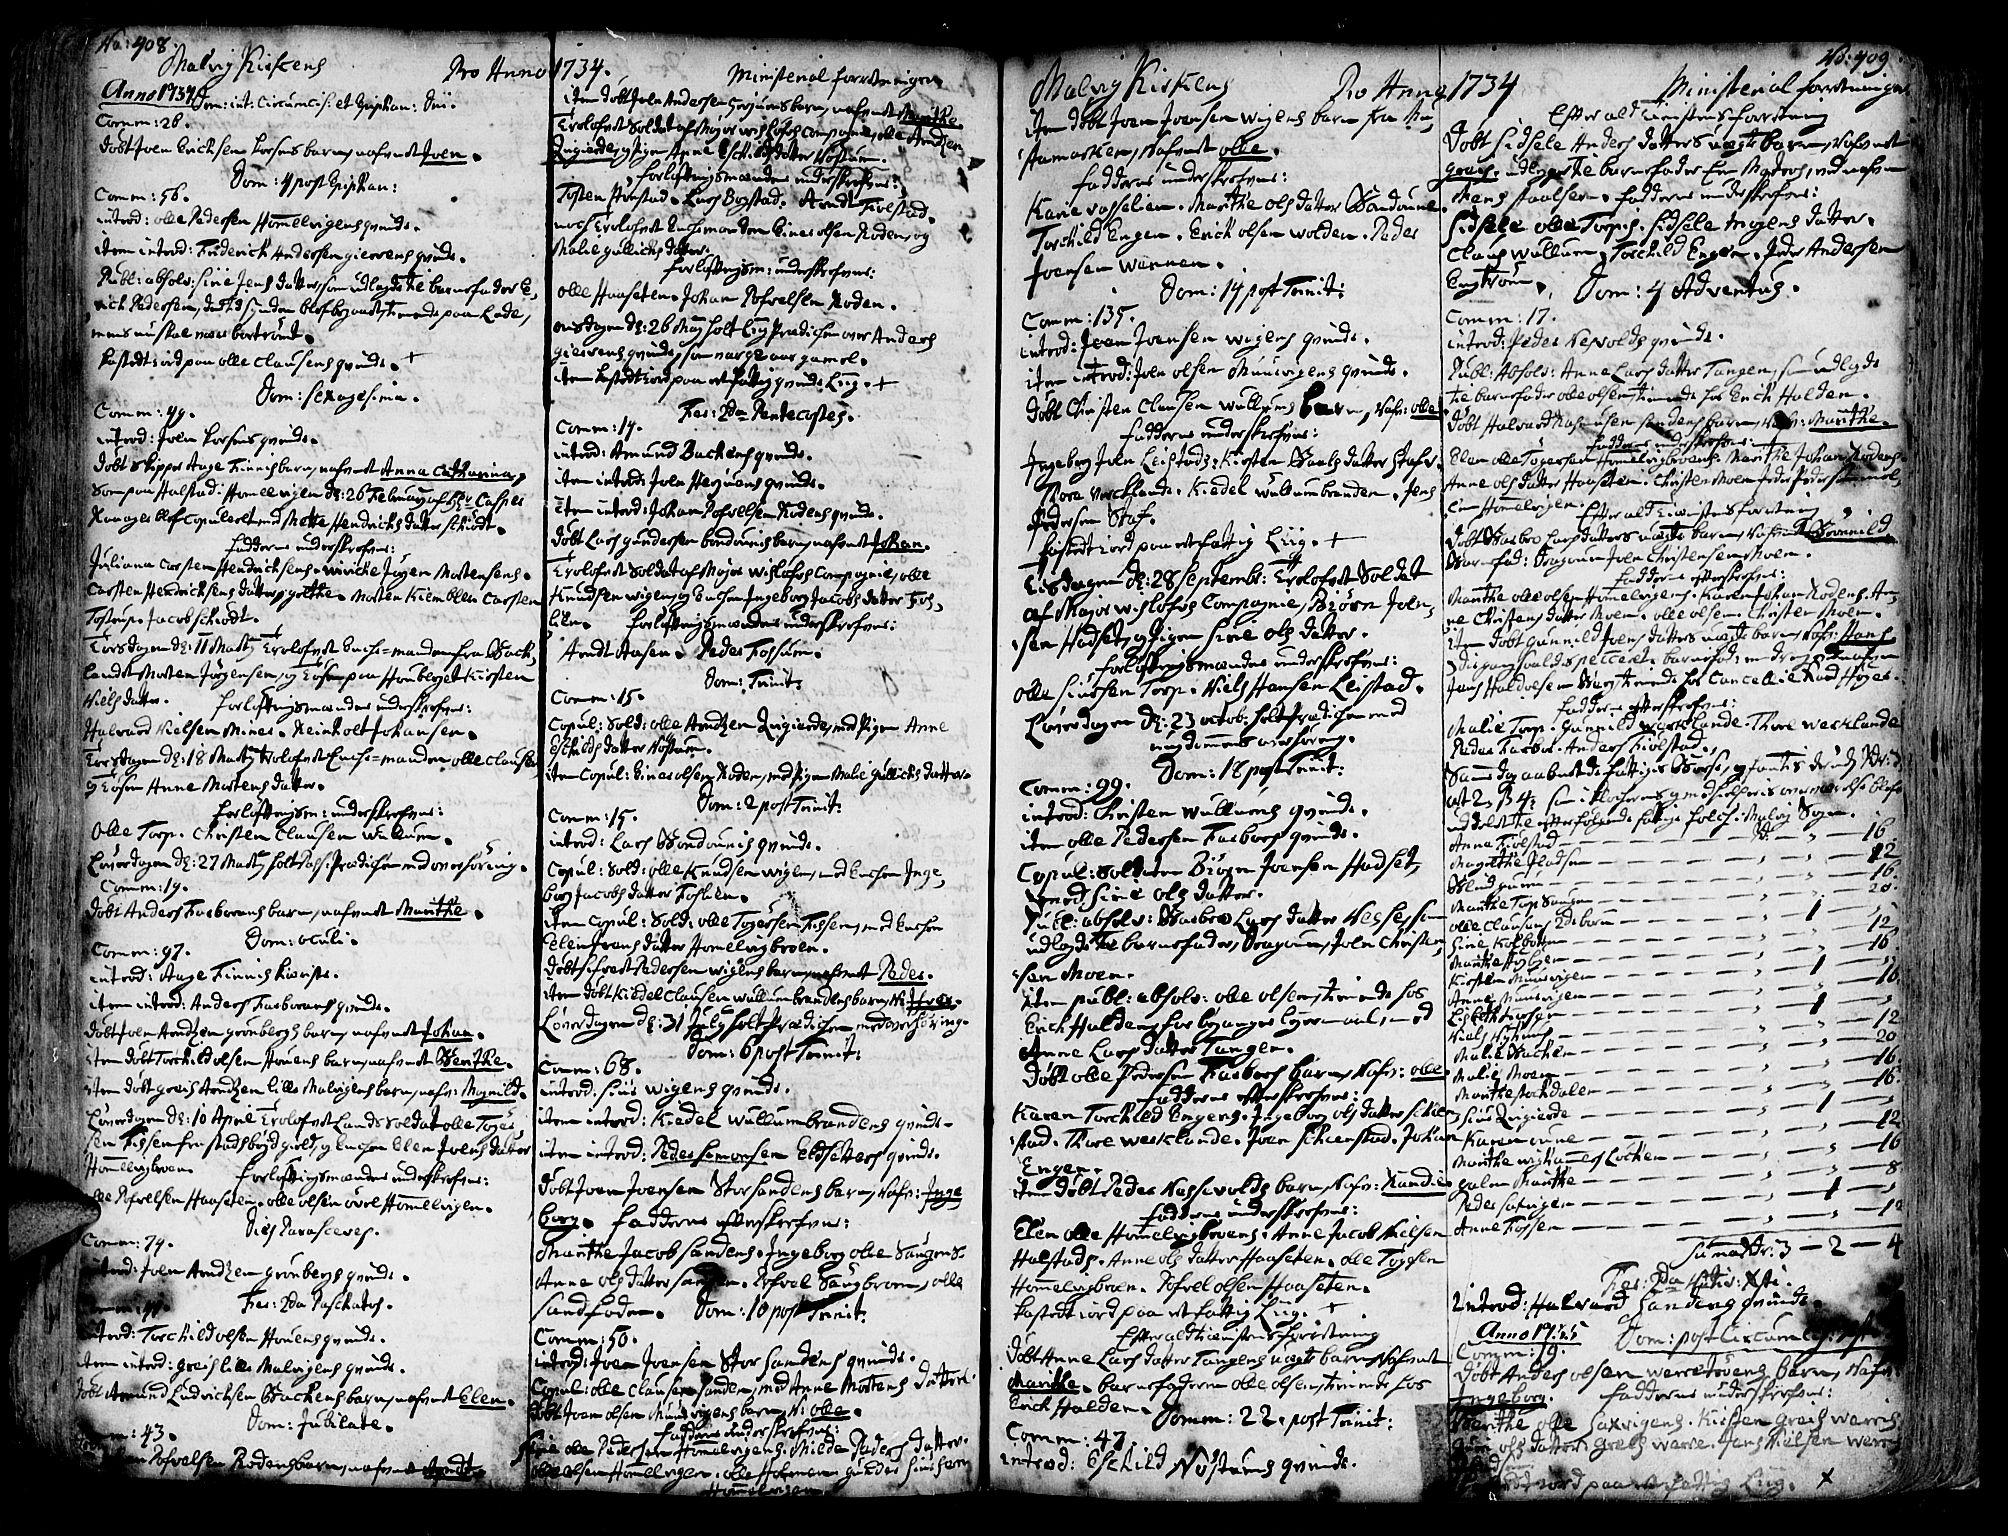 SAT, Ministerialprotokoller, klokkerbøker og fødselsregistre - Sør-Trøndelag, 606/L0277: Ministerialbok nr. 606A01 /3, 1727-1780, s. 408-409